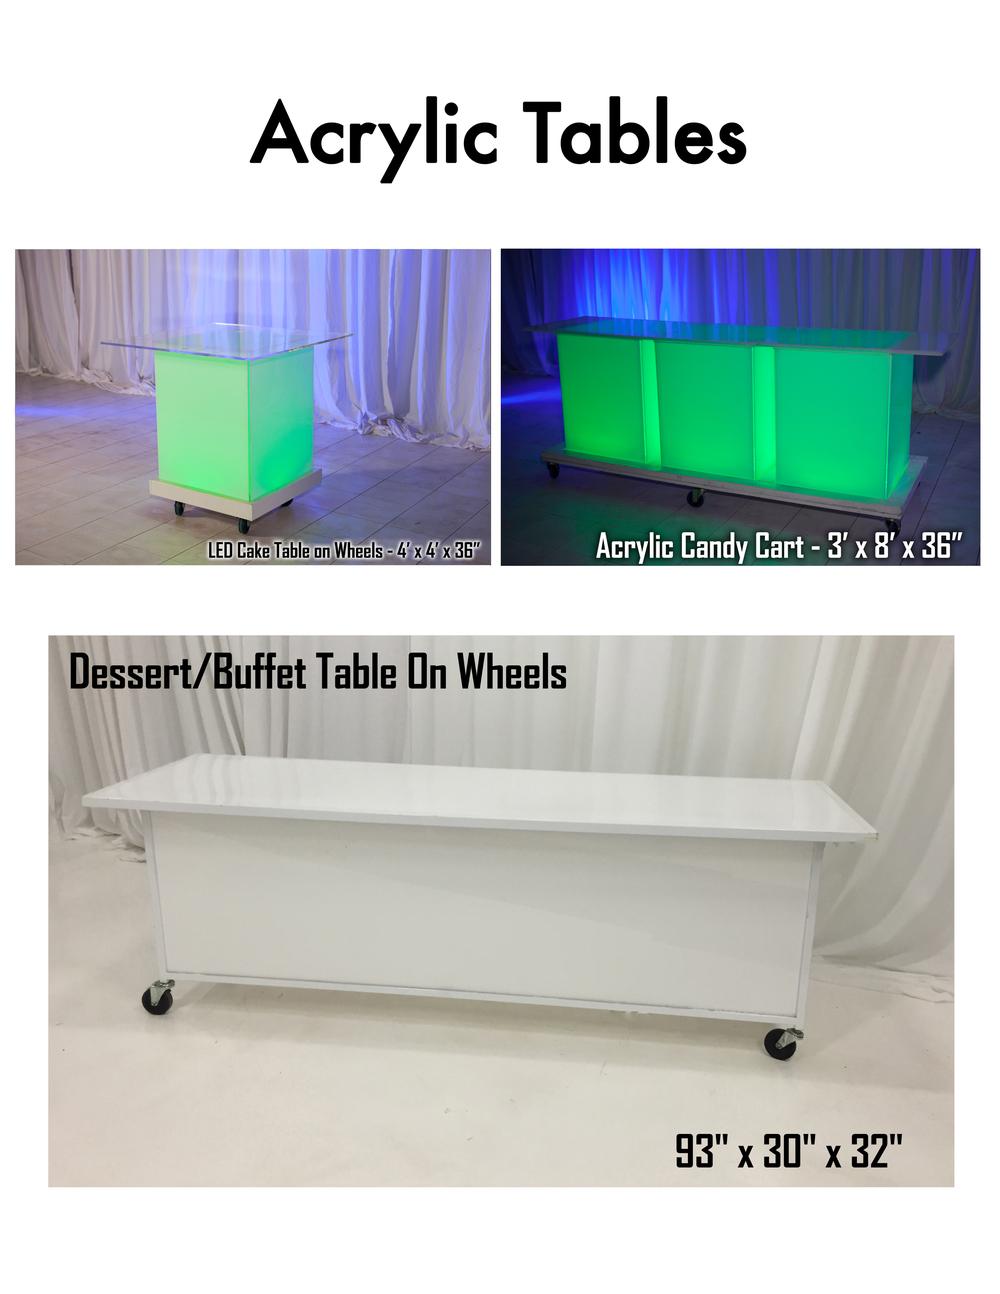 P26_Acrylic Tables.jpg